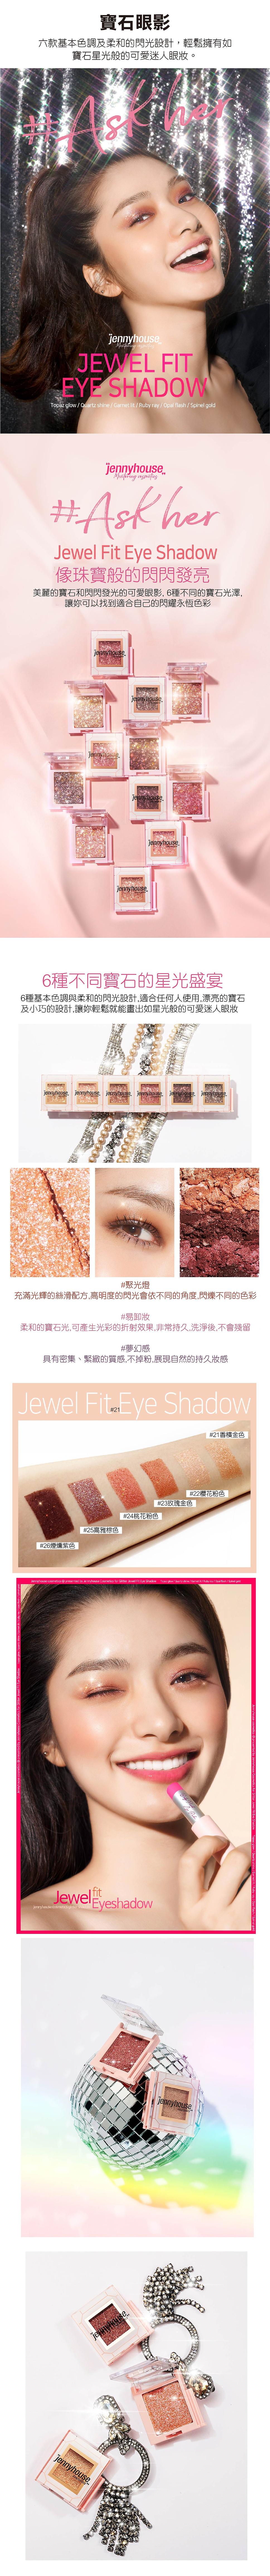 韓國化妝品網站長圖-4-04.jpg